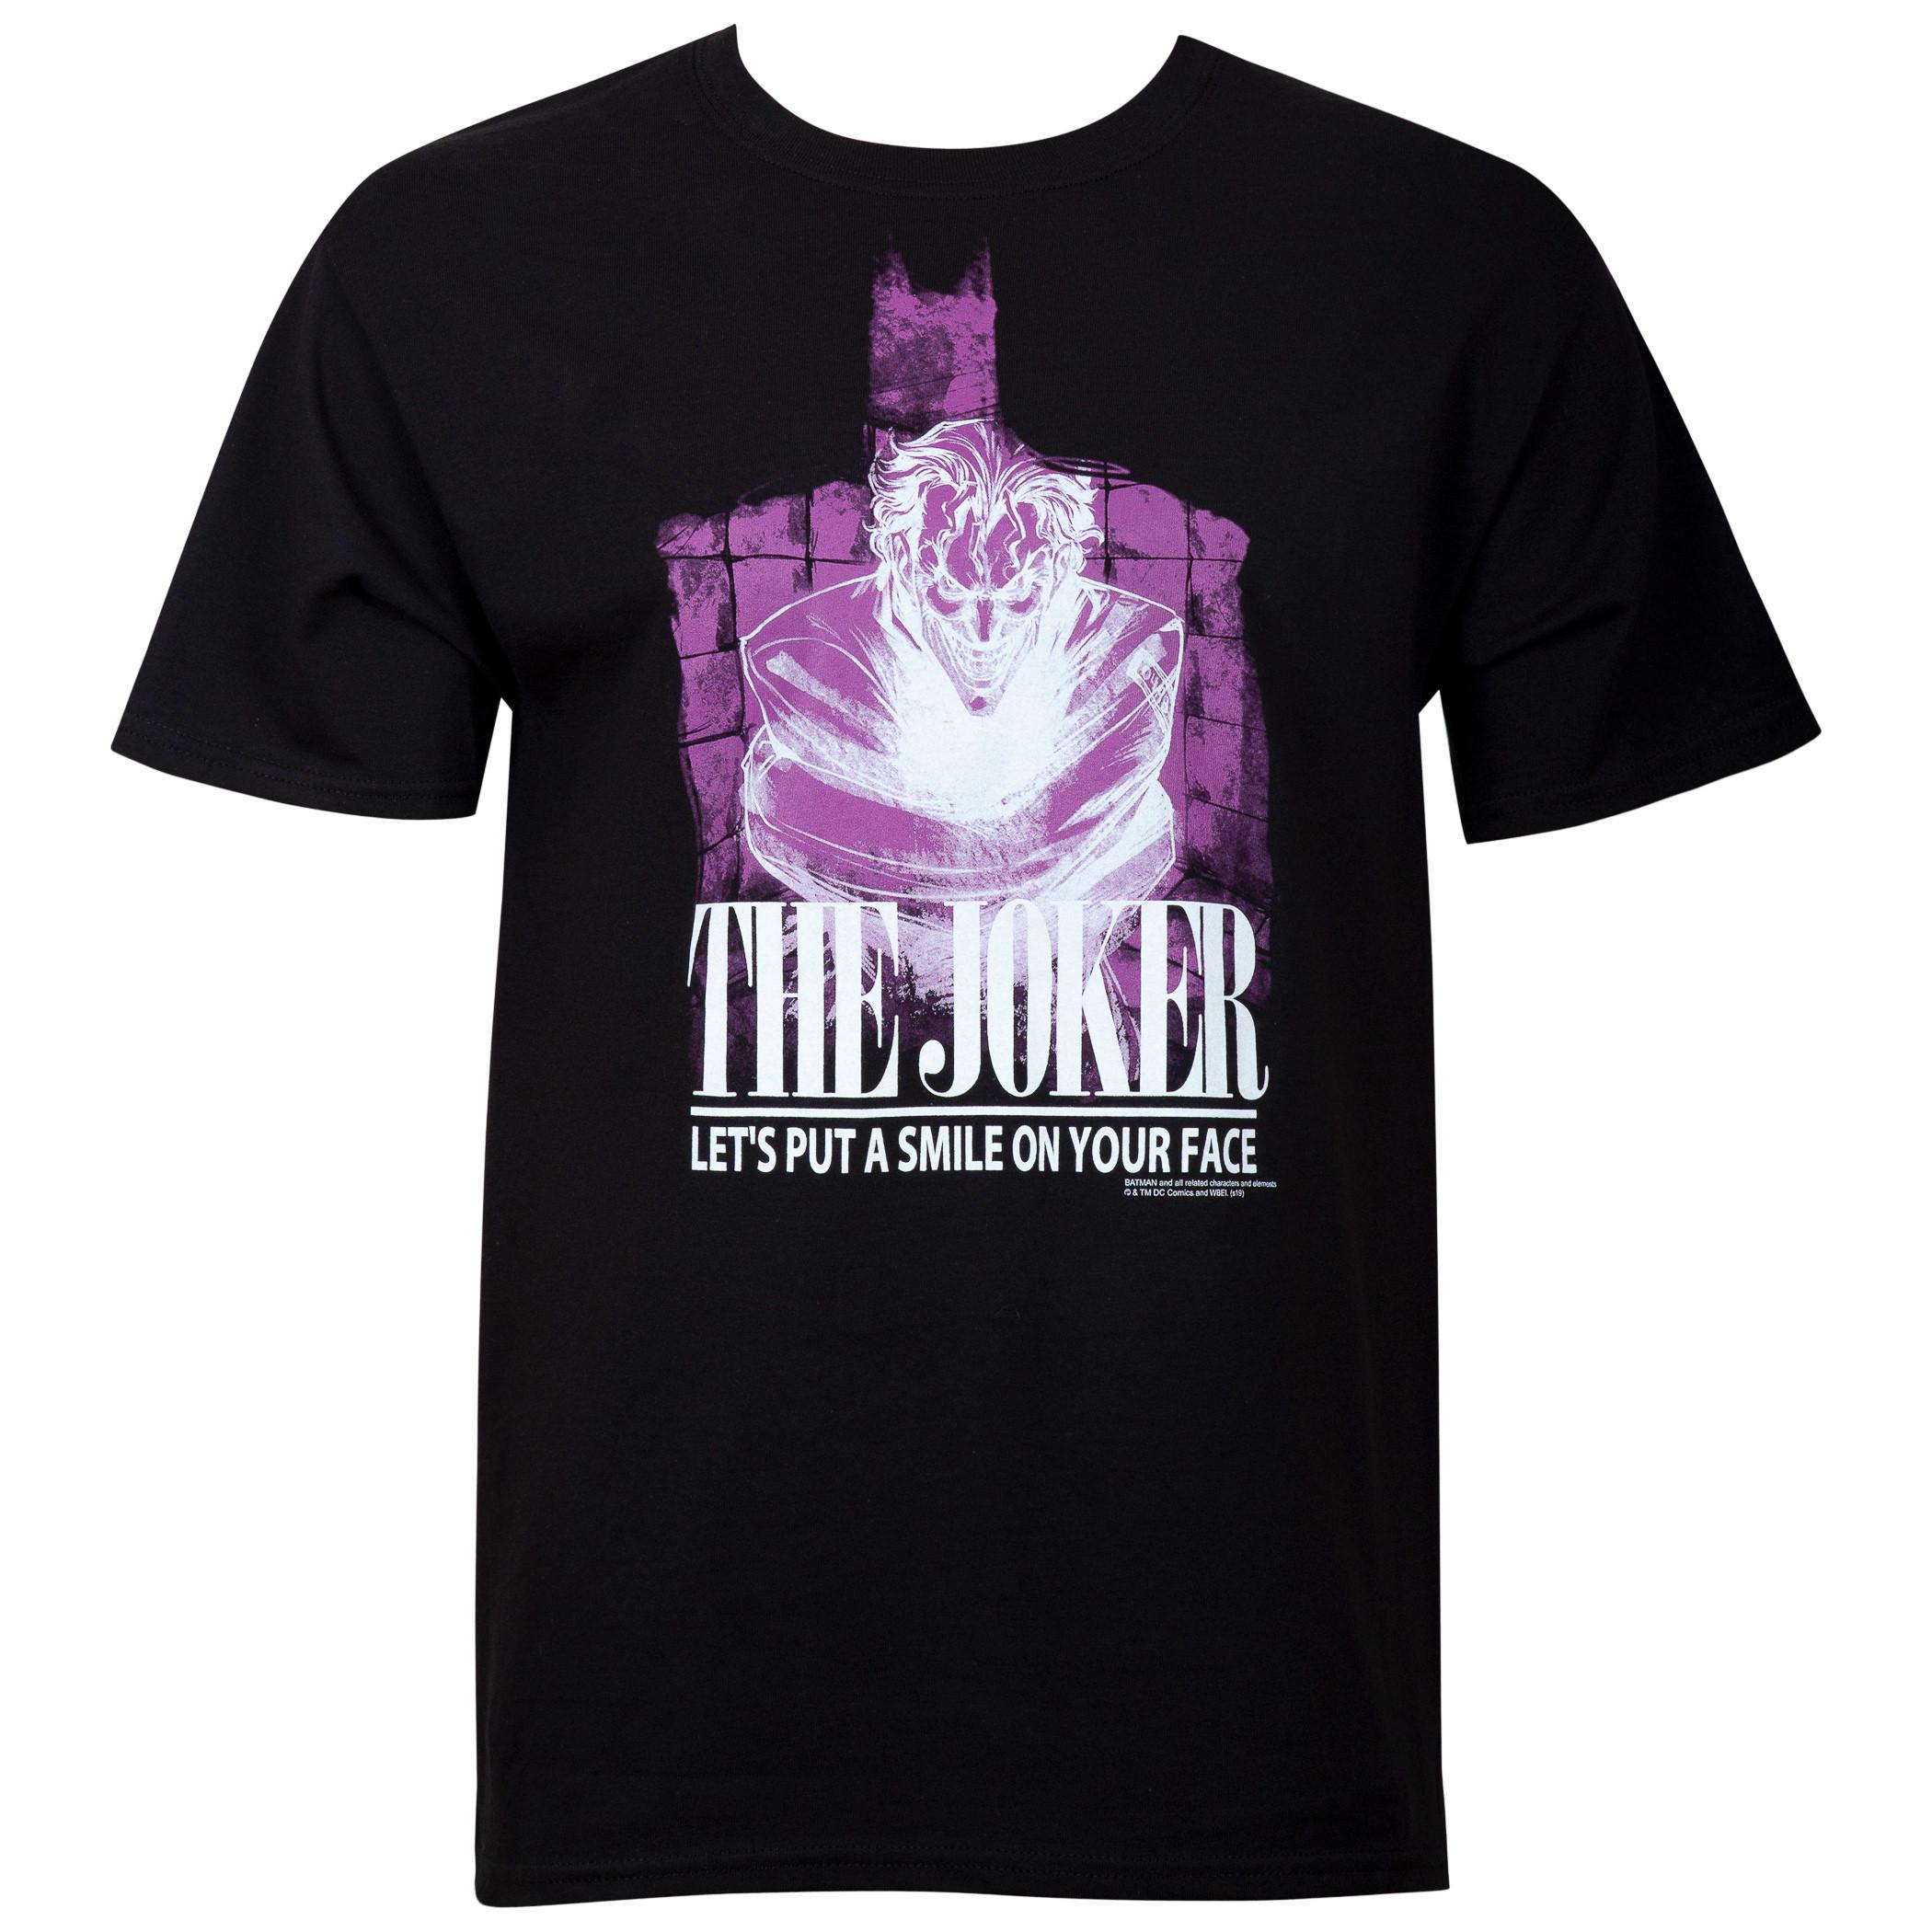 Joker Smile on Face Men's Black T-Shirt